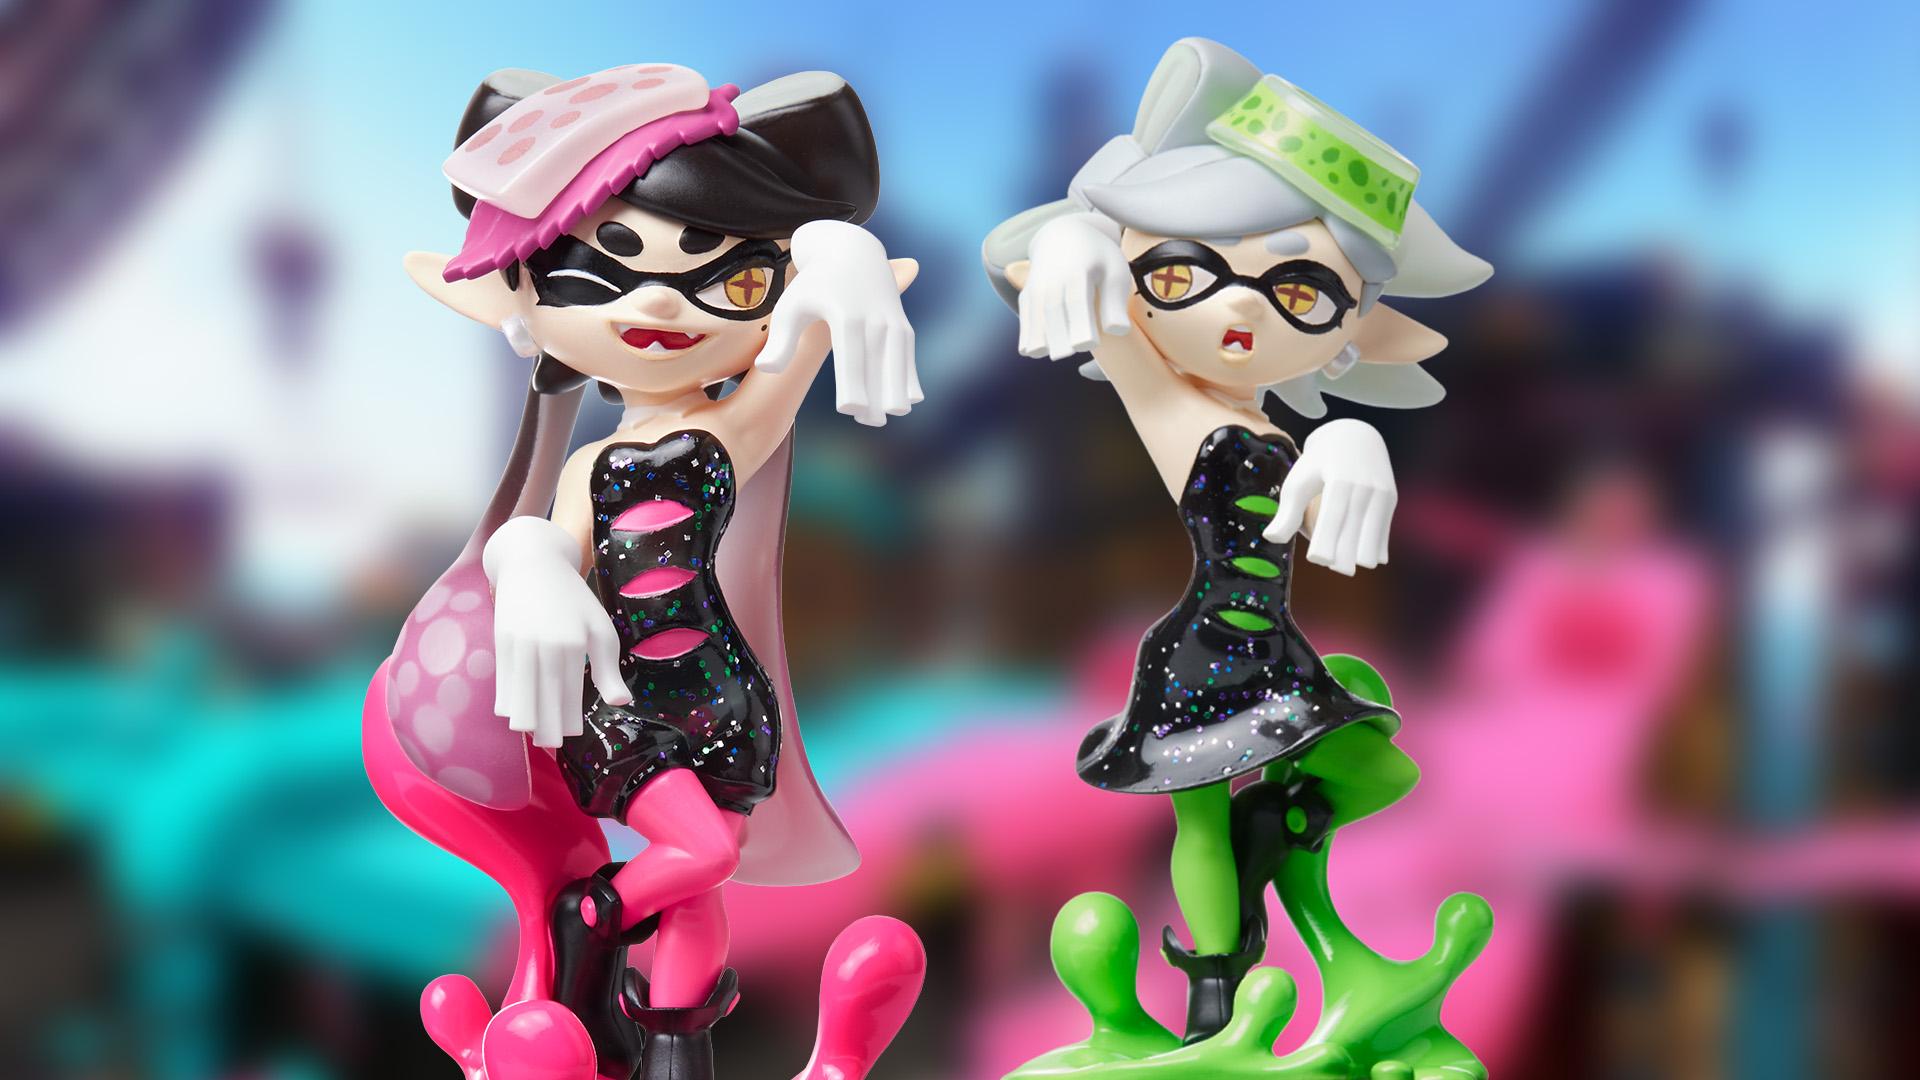 Splatoon 2 S Squid Sisters Prologue Keeps Getting Juicier